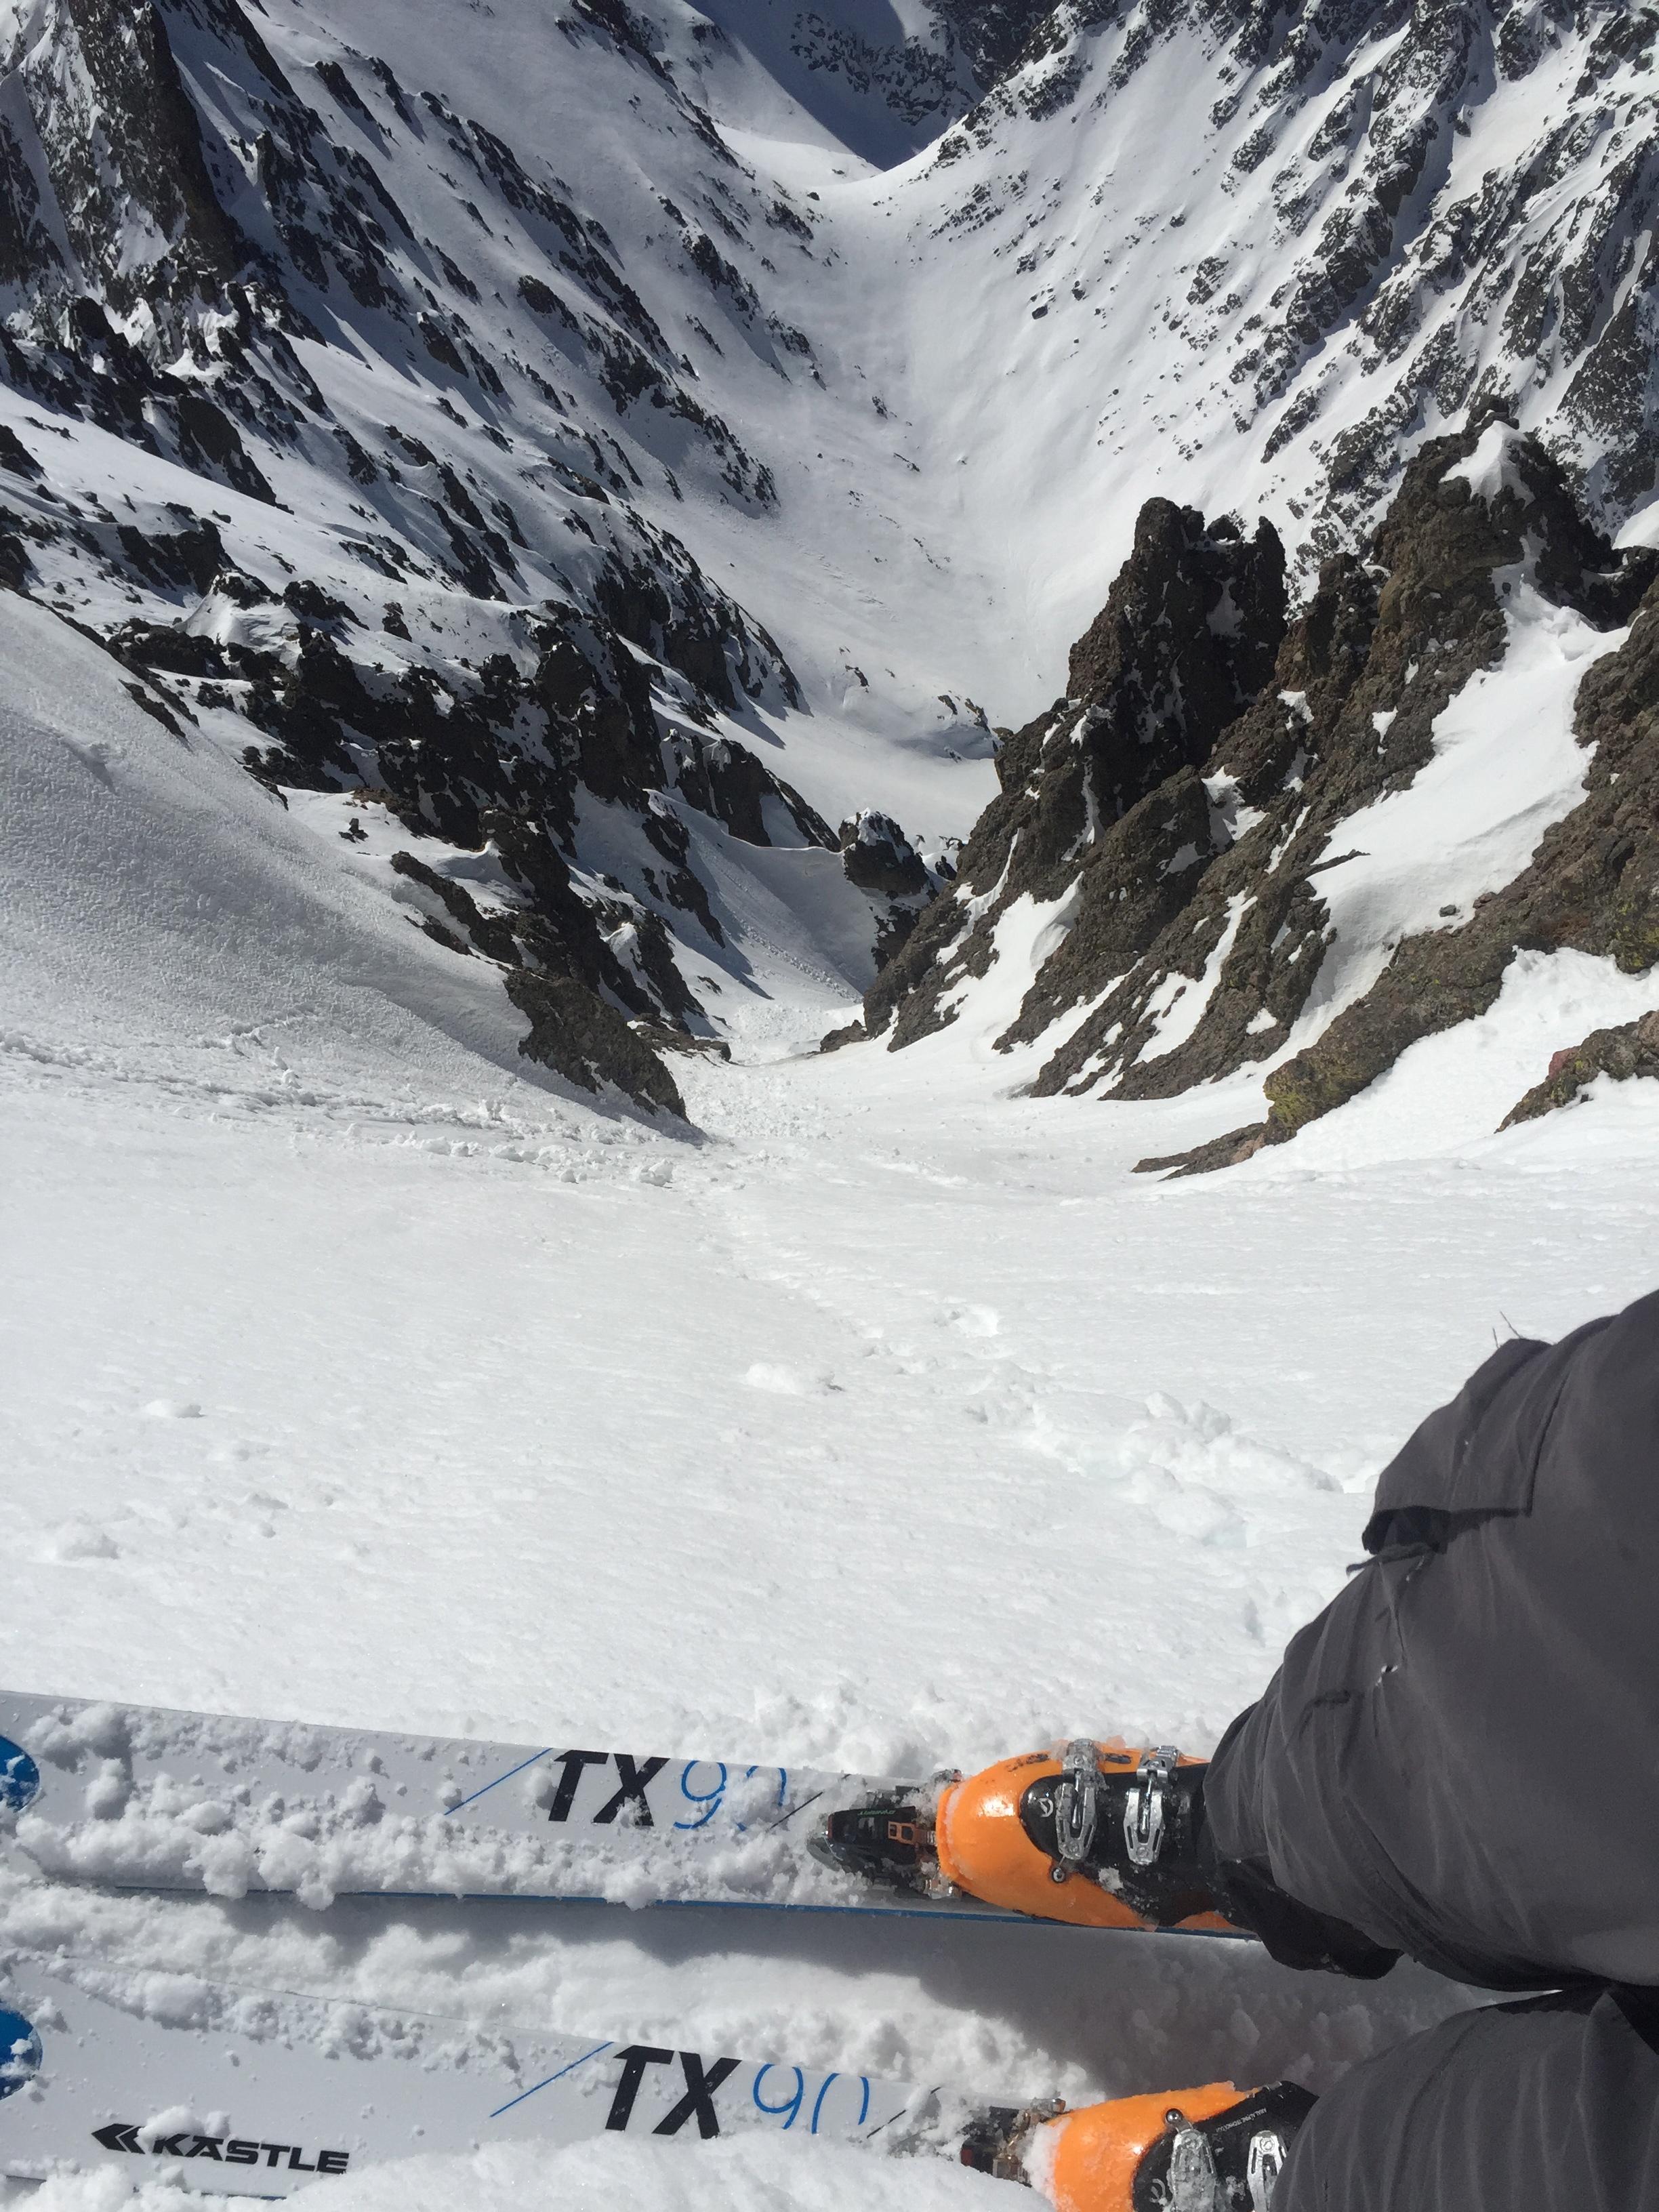 Needle skiing Perspective.